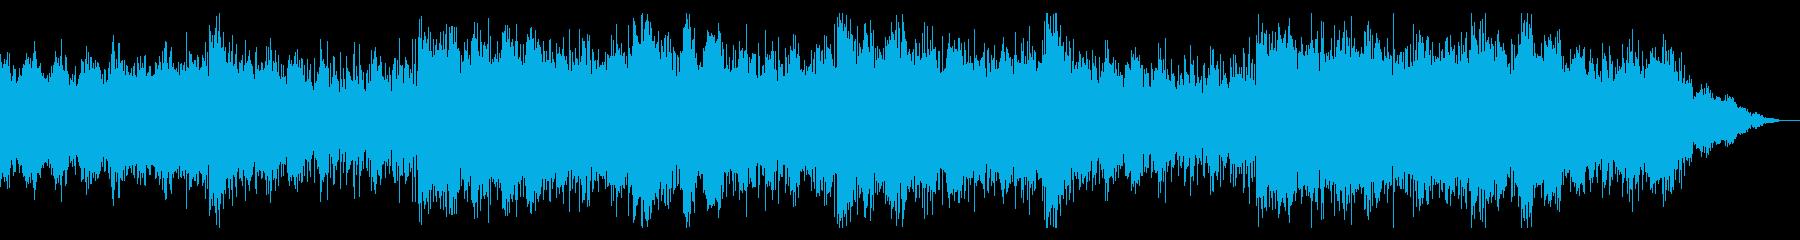 デジタルなテクスチャIDMの再生済みの波形